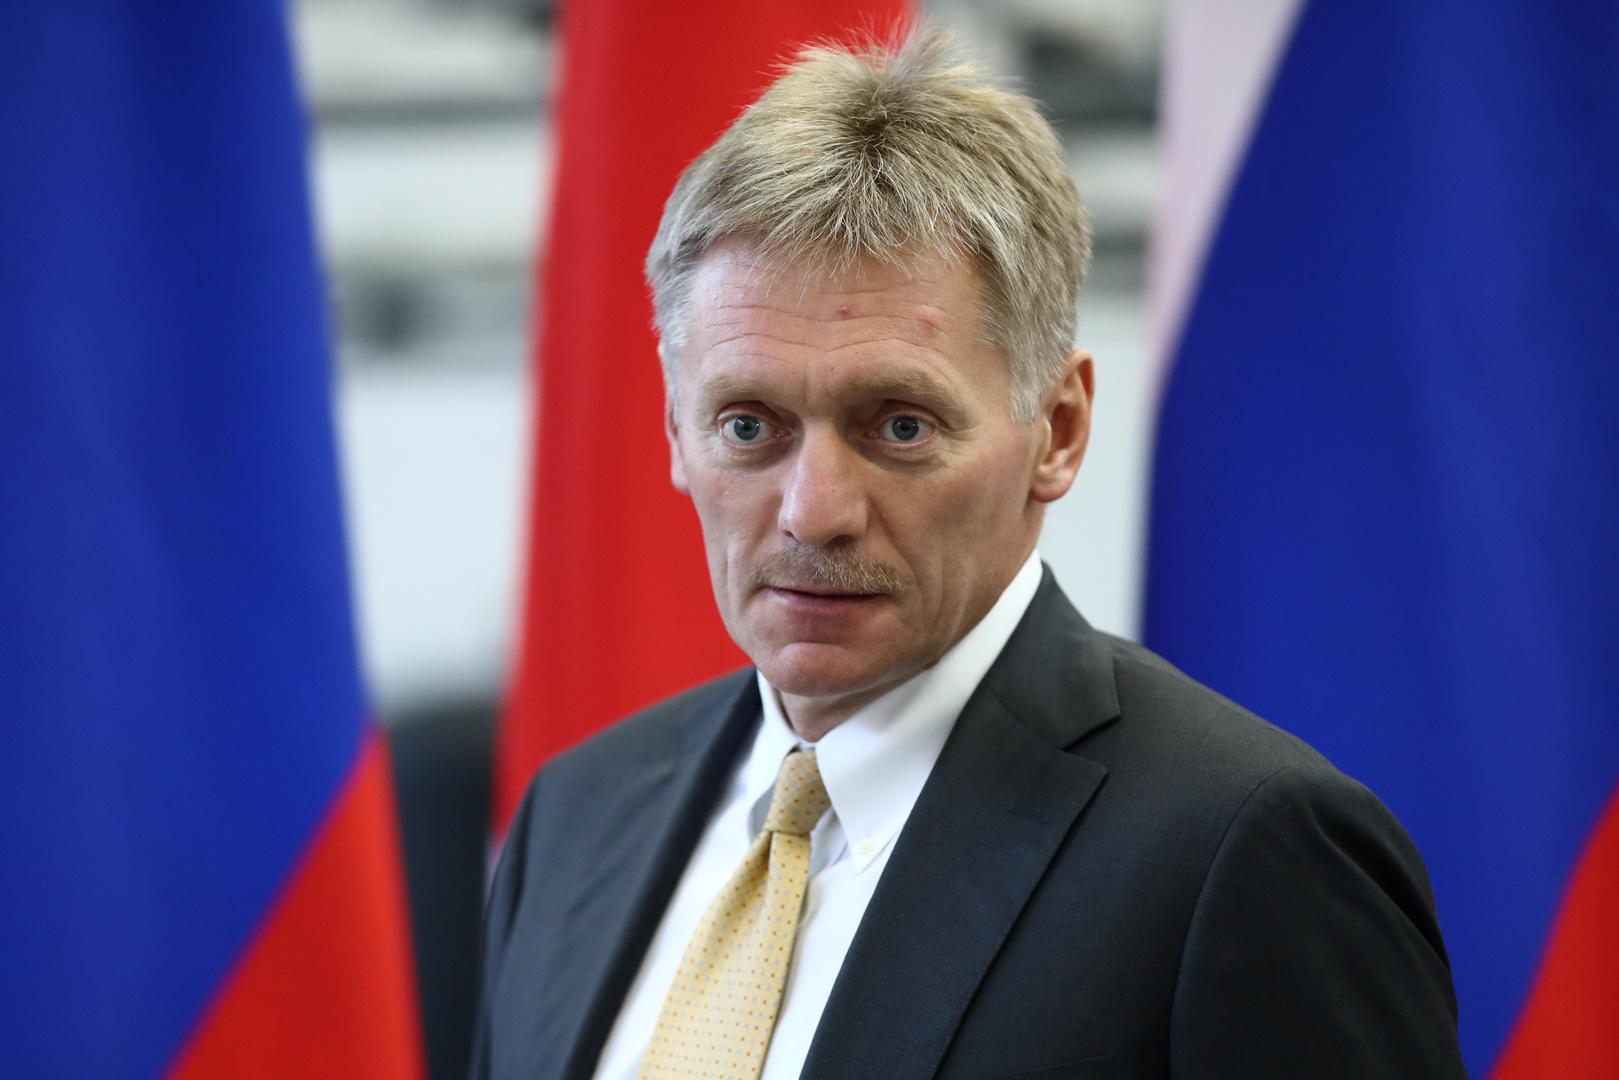 باريس ستحتضن قمة رباعية ستجمع بوتين مع زيلينسكي في الـ9 من ديسمبر